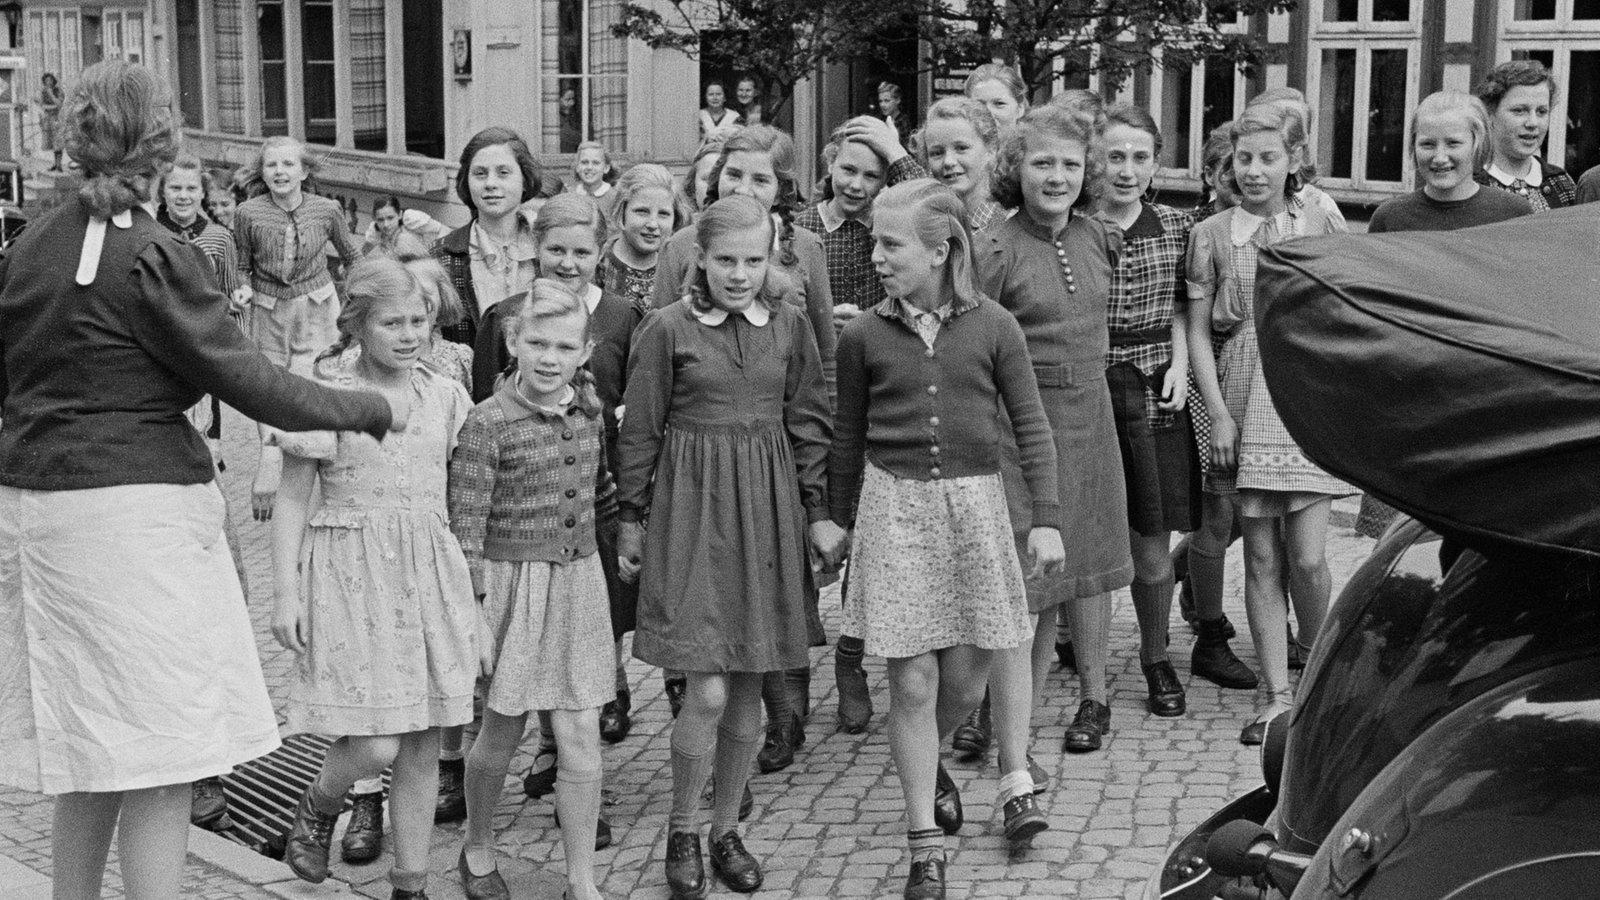 Junge Prügel braucht die deutsche Großmutter in ihrer Möse